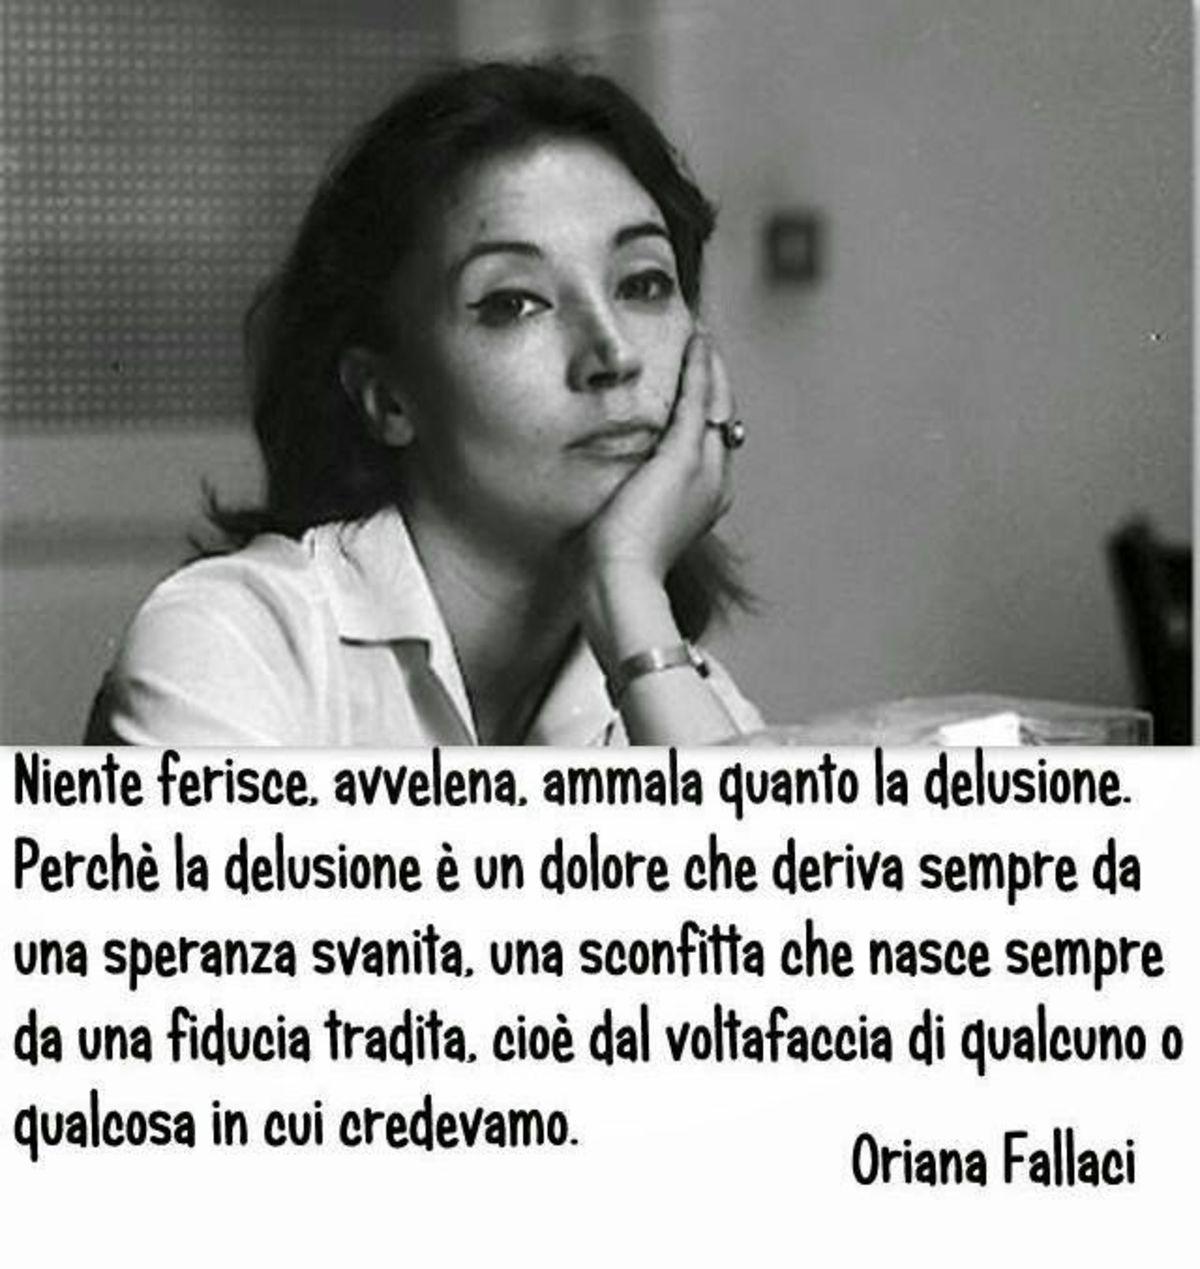 Niente ferisce, avvelena e ammala quanto la delusione. Oriana Fallaci